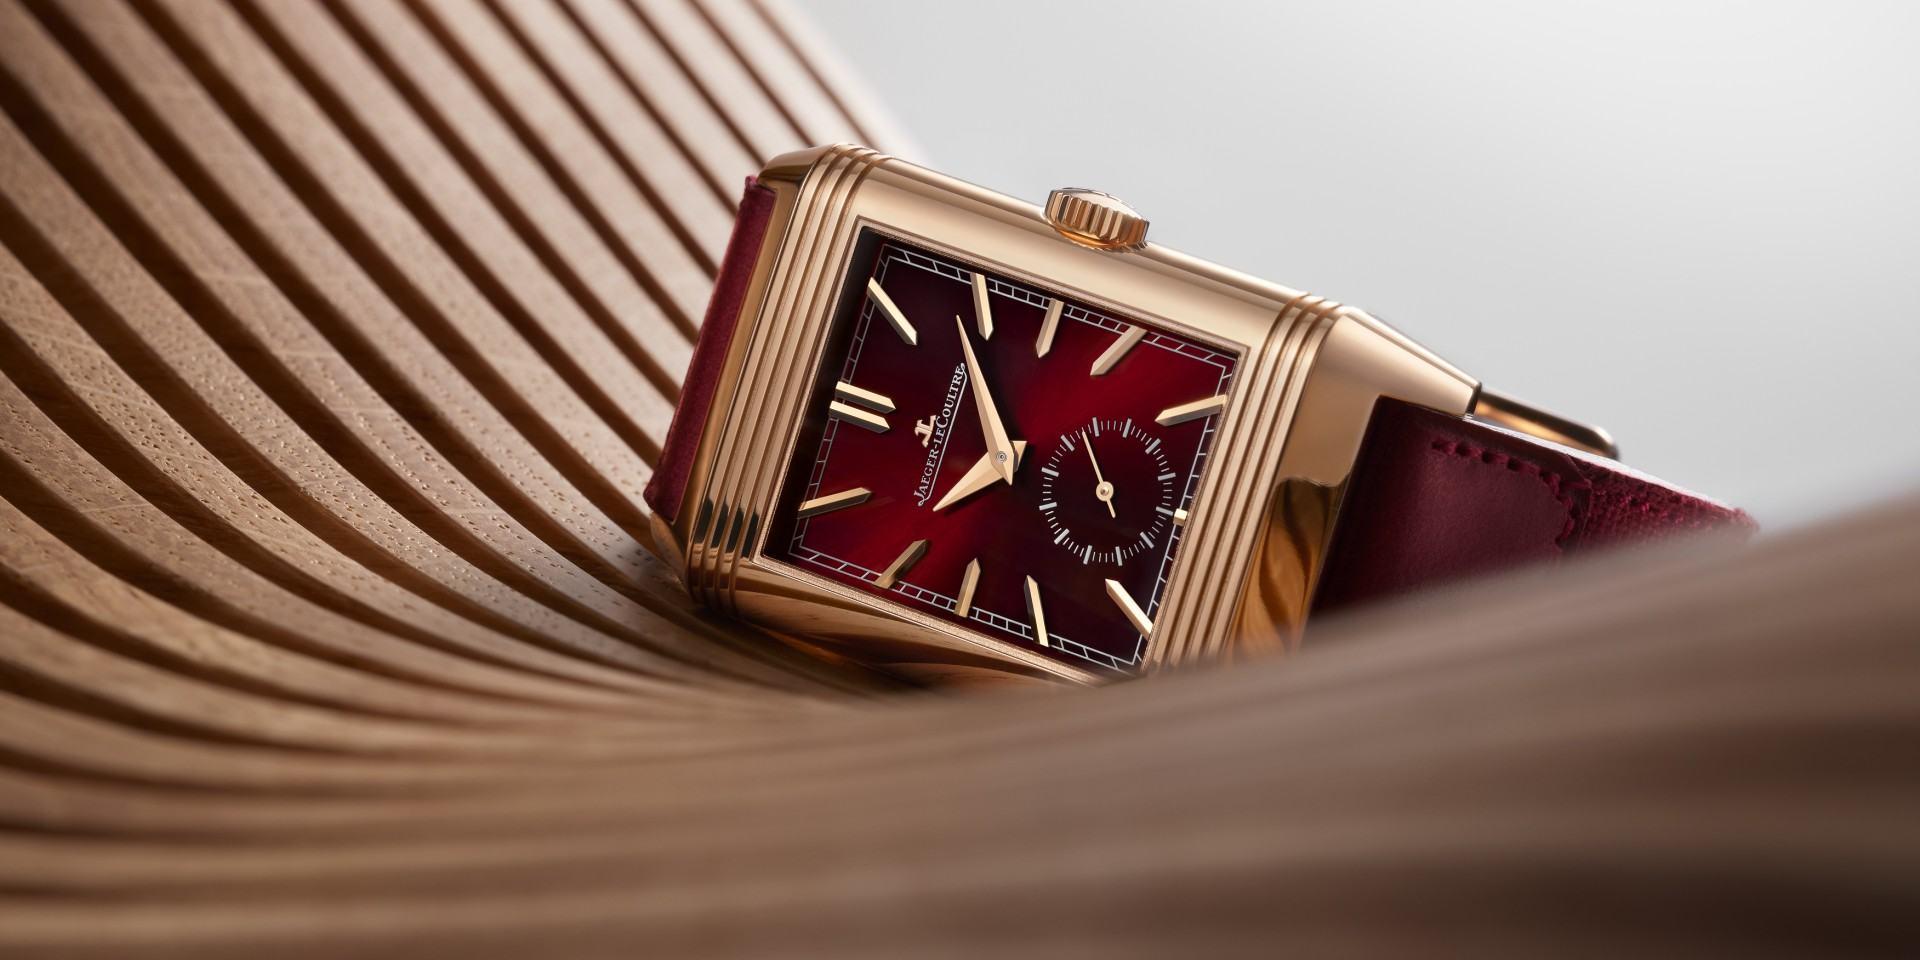 慶祝REVERSO翻轉系列腕錶面世90週年,積家推出全新酒紅色翻轉系列腕錶